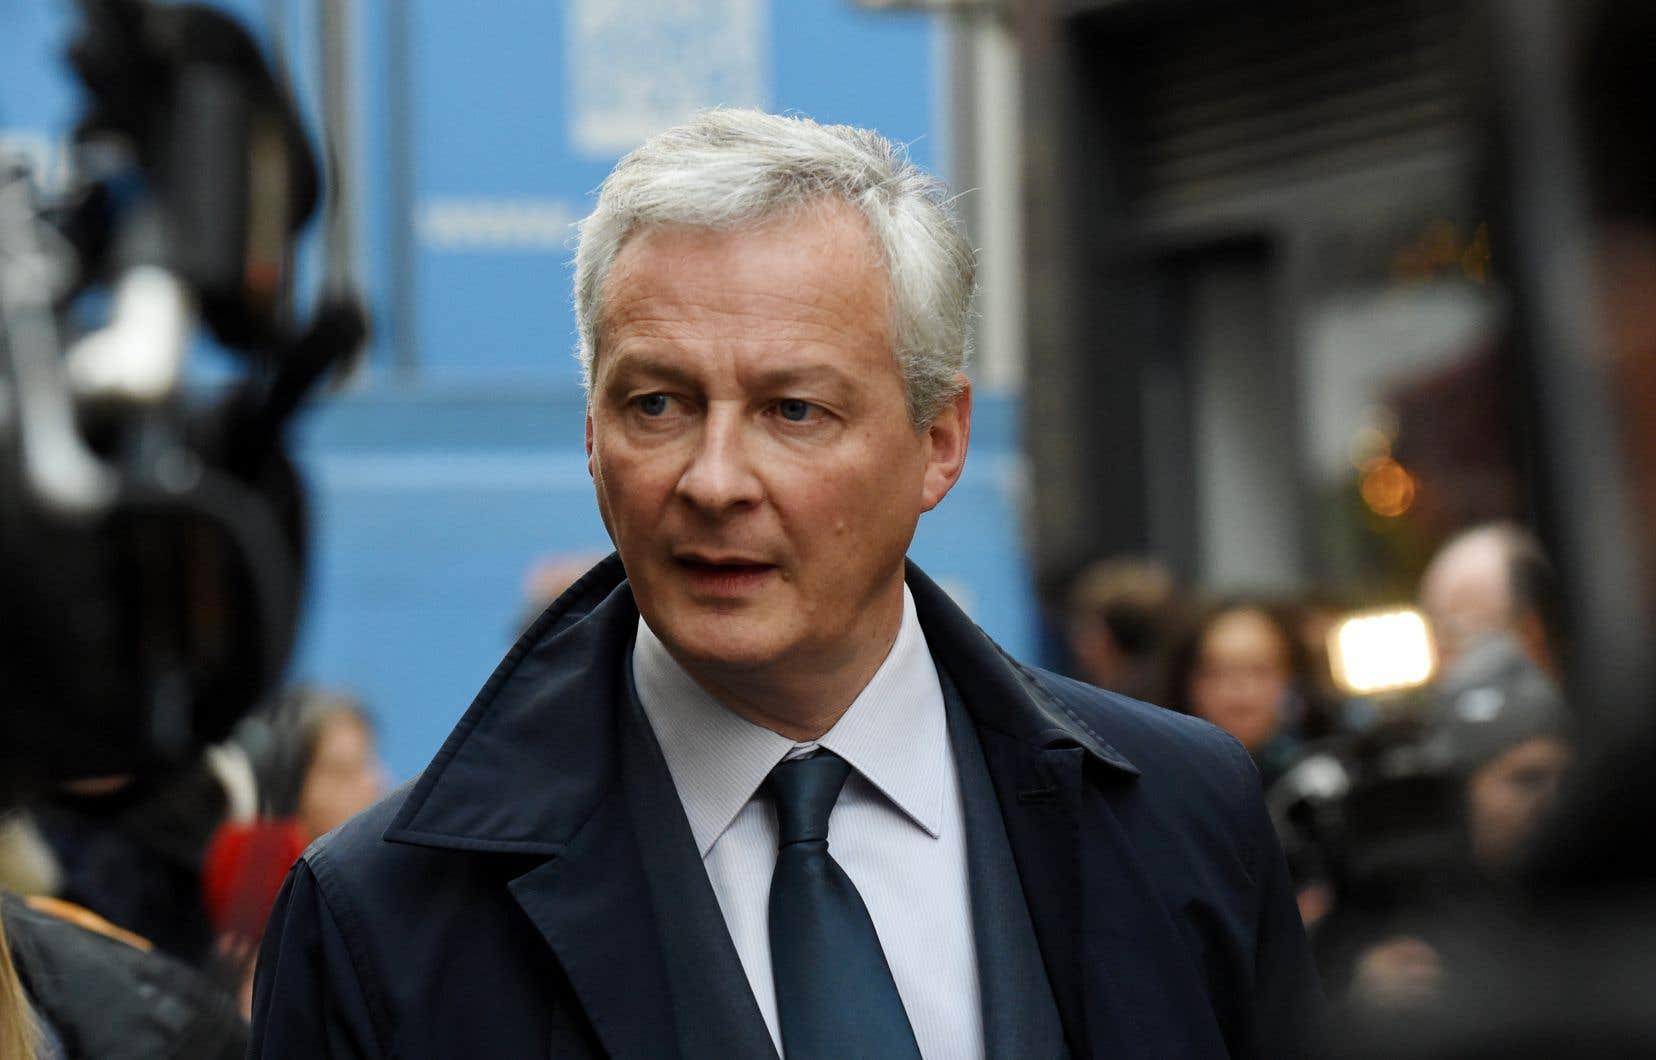 «Cette guerre commerciale n'est dans l'intérêt de personne», a affirmé le ministre français des Finances Bruno Le Maire sur la radio publique France Inter.